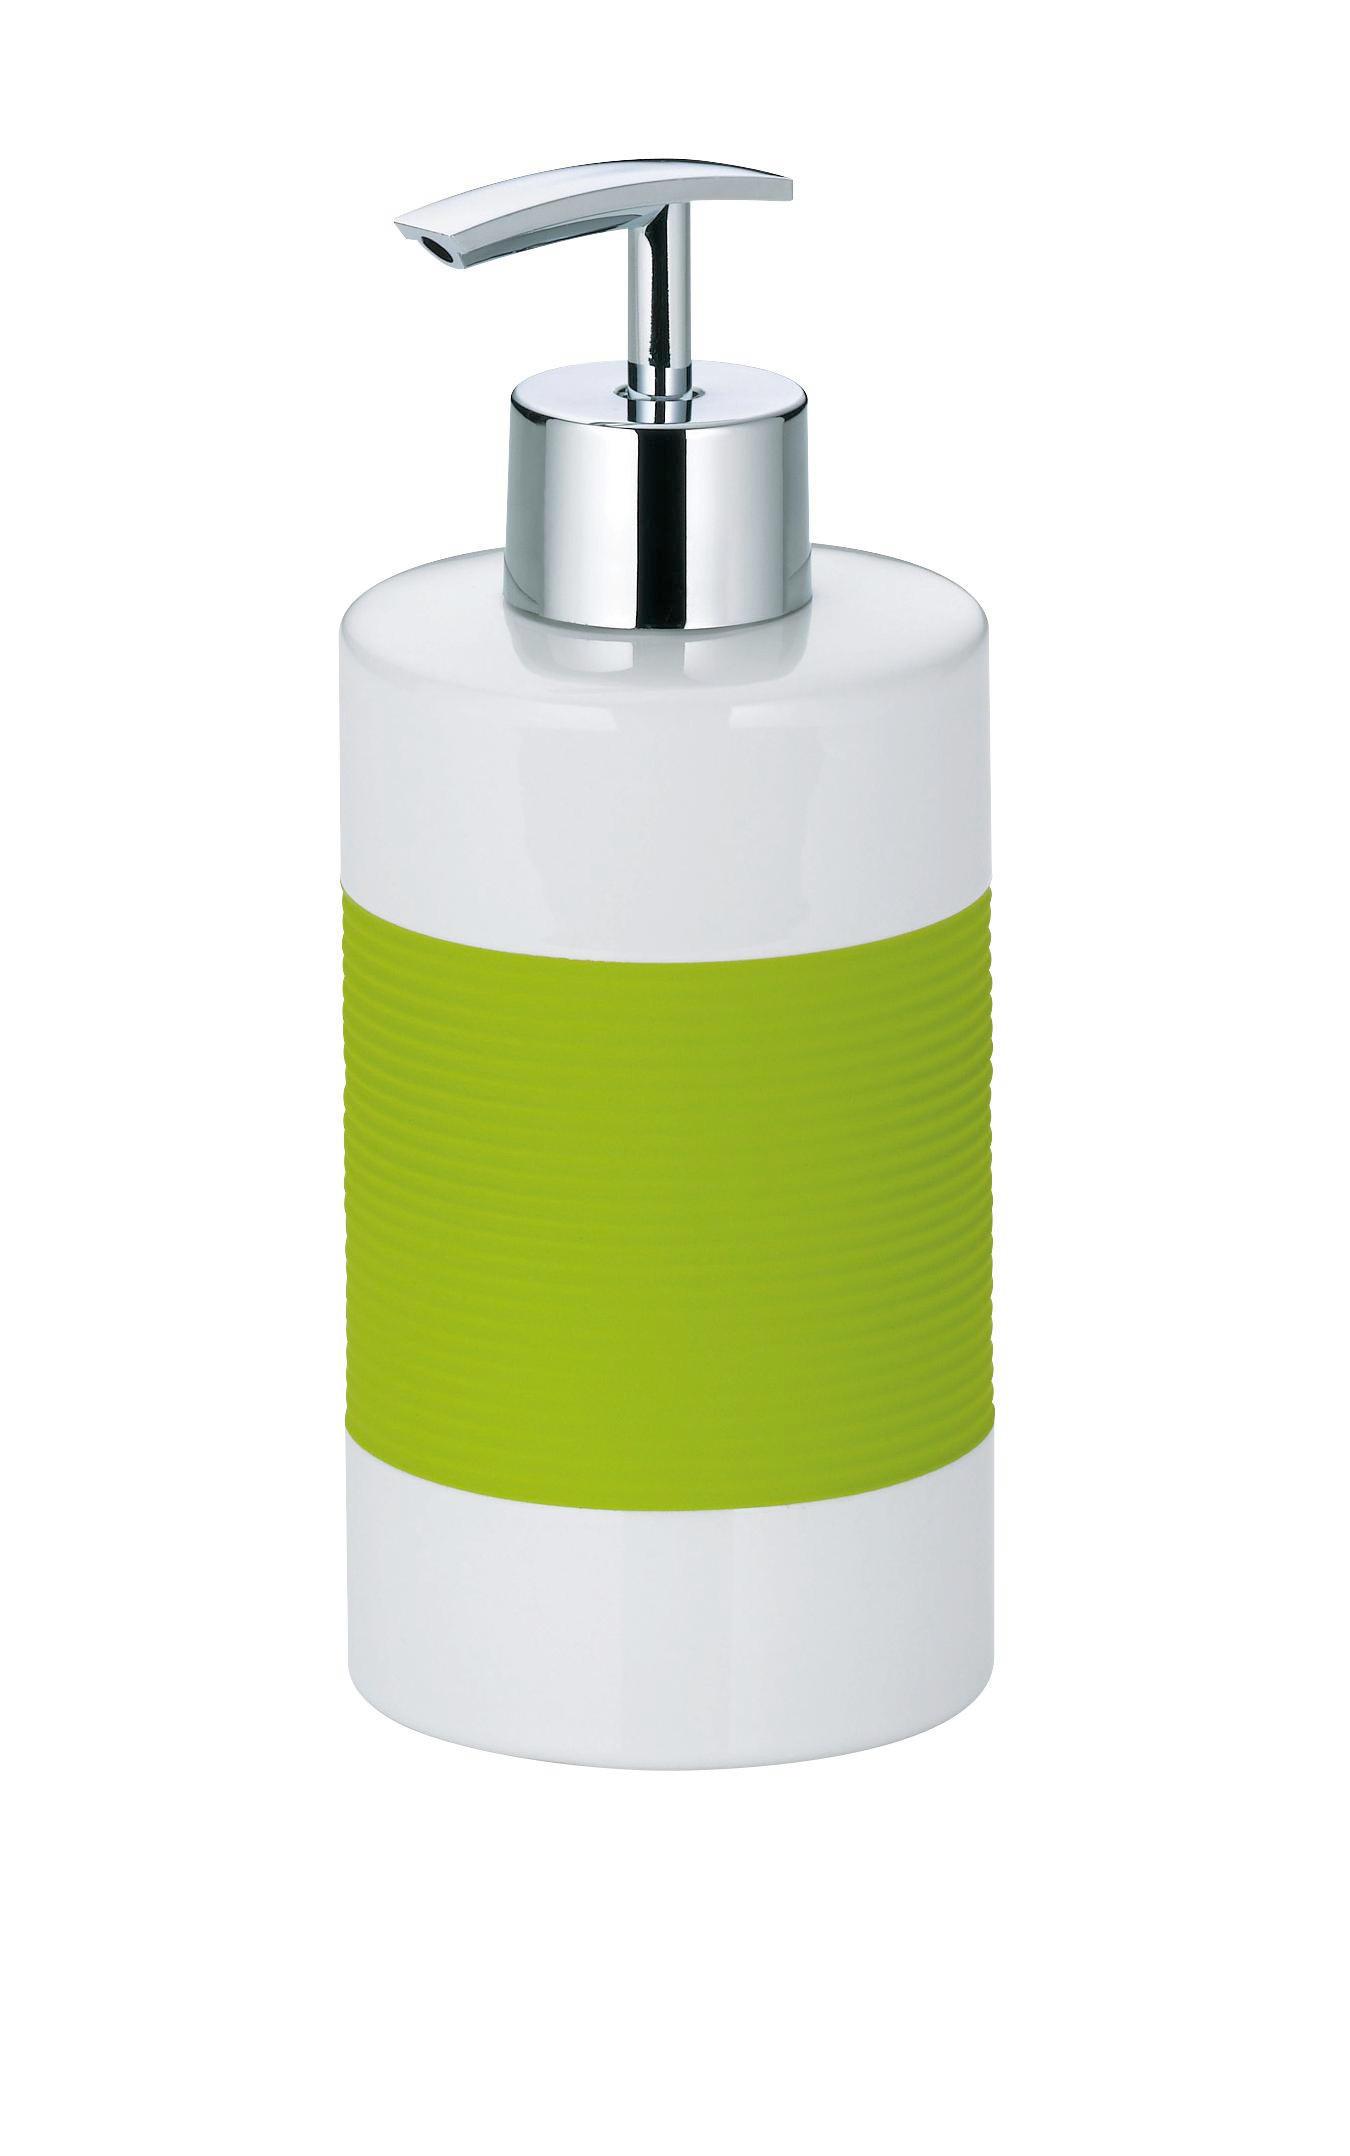 SEIFENSPENDER - Weiß/Grün, Basics, Kunststoff/Metall (7/17cm)